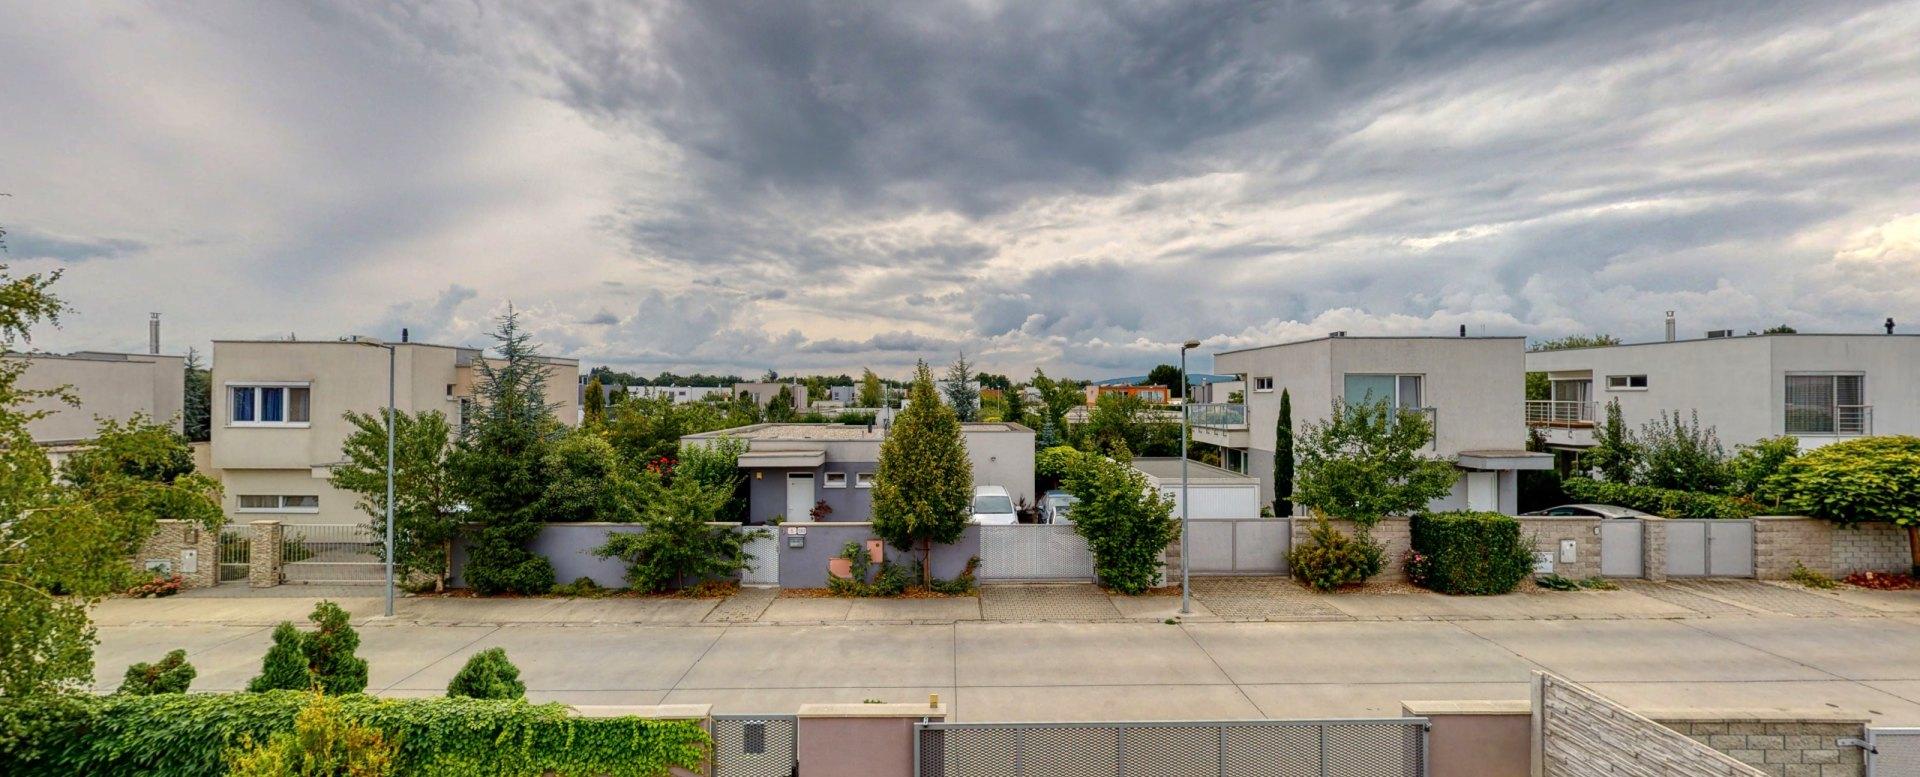 Výhľad na okolité rodinné domy v lokalite Panónsky háj 2